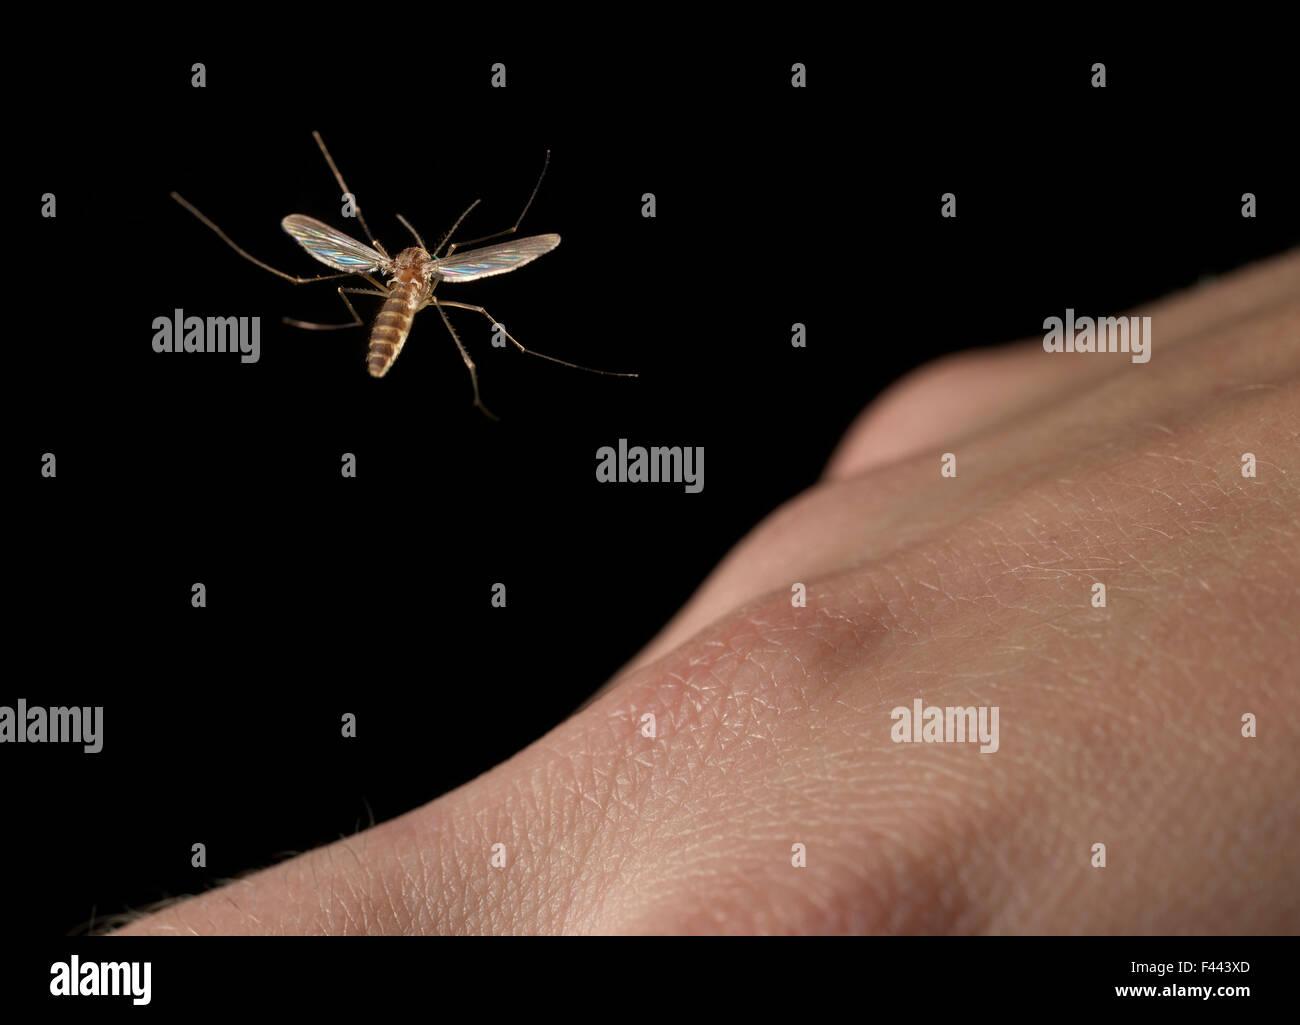 Mücken fliegen über eine menschliche hand Stockbild